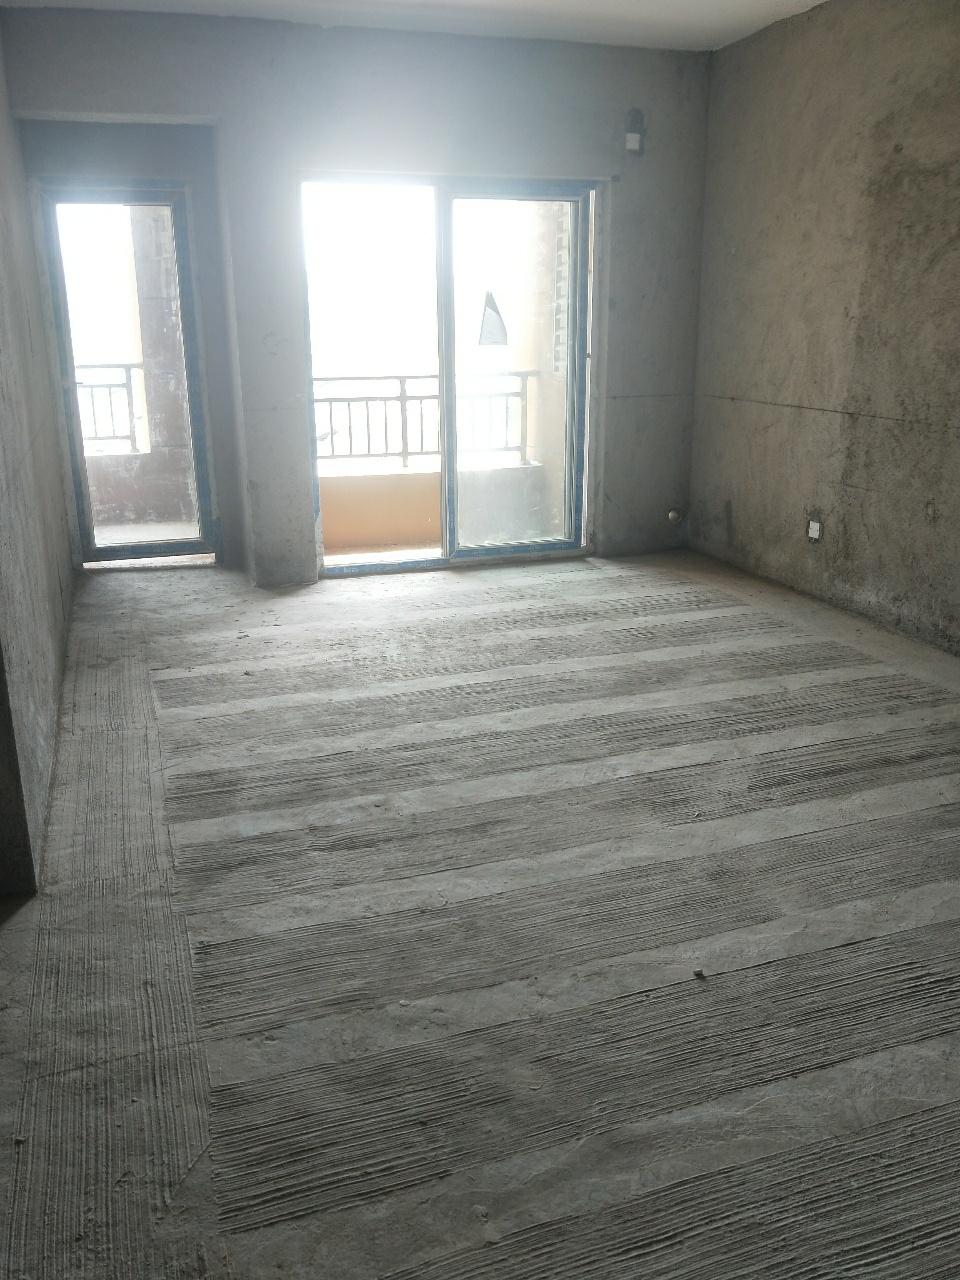 润天·檀香山3室 2厅 1卫41.8万元